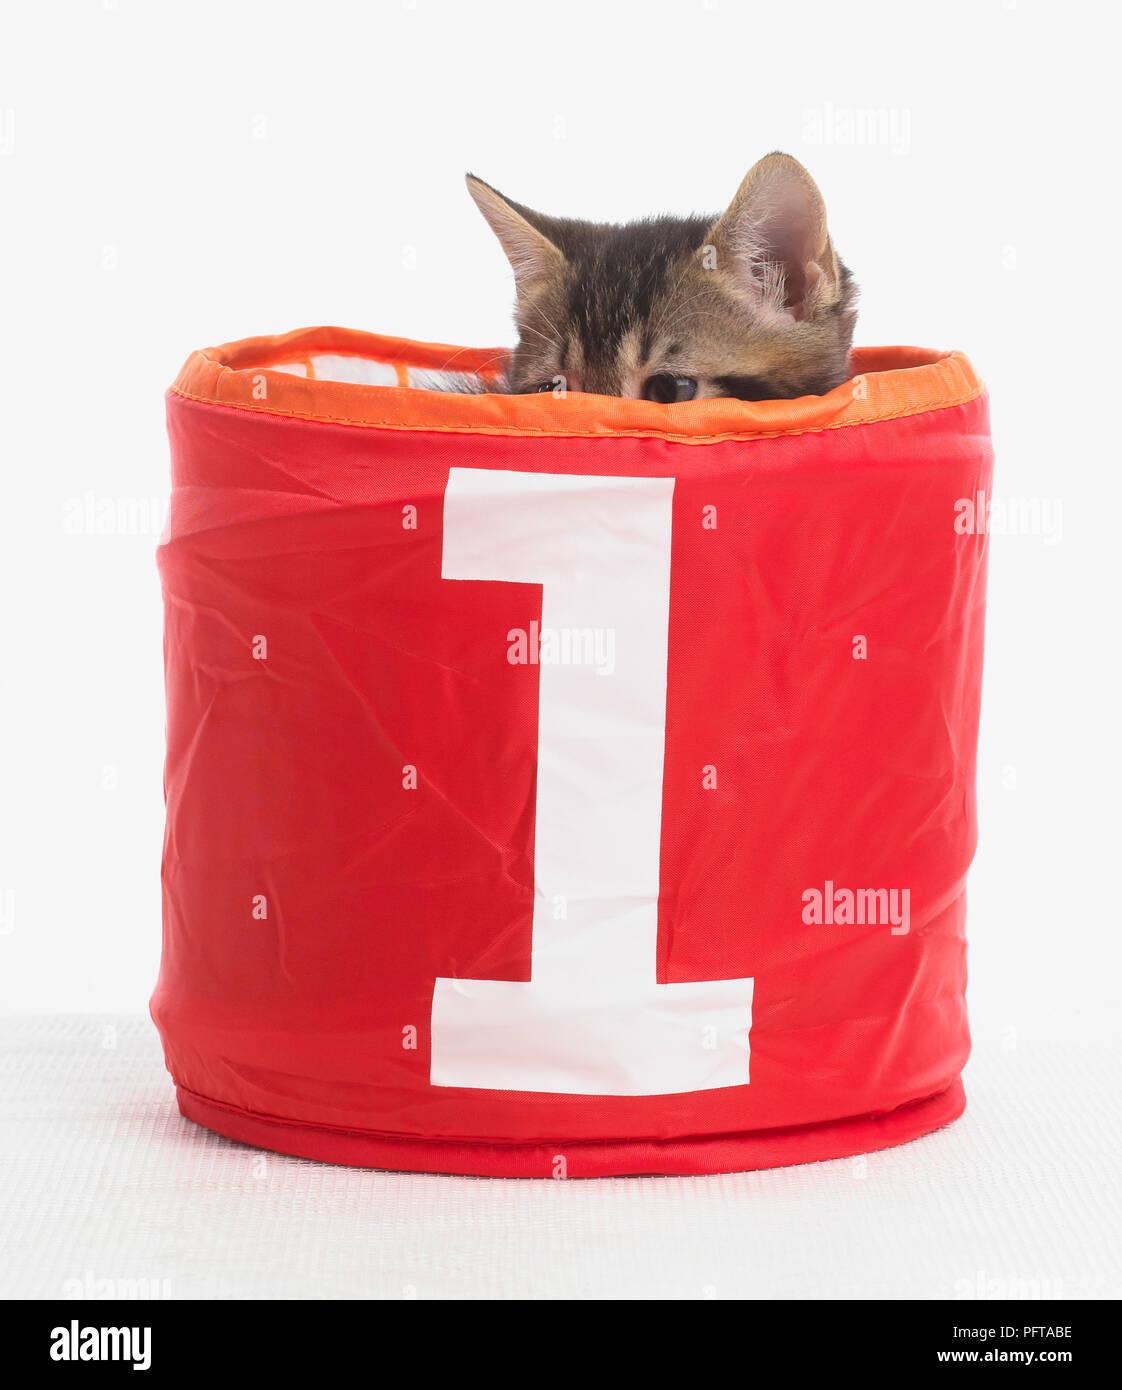 Gatito en la cesta con el número 1 en la parte frontal, Bengala y British Shorthair cruz gatitos, 5 semanas de edad. Imagen De Stock